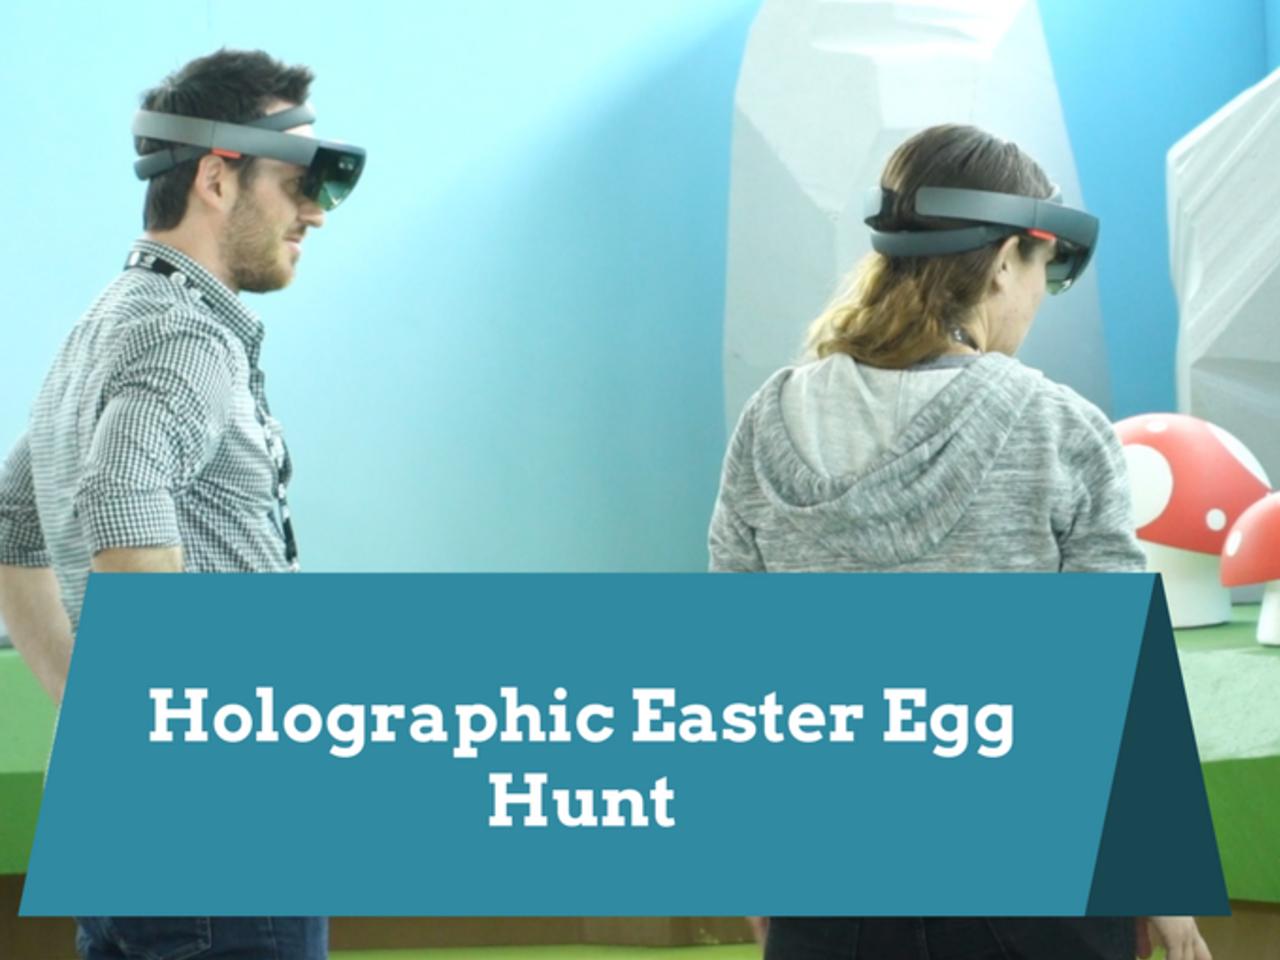 VRLA Holographic Easter Egg Hunt